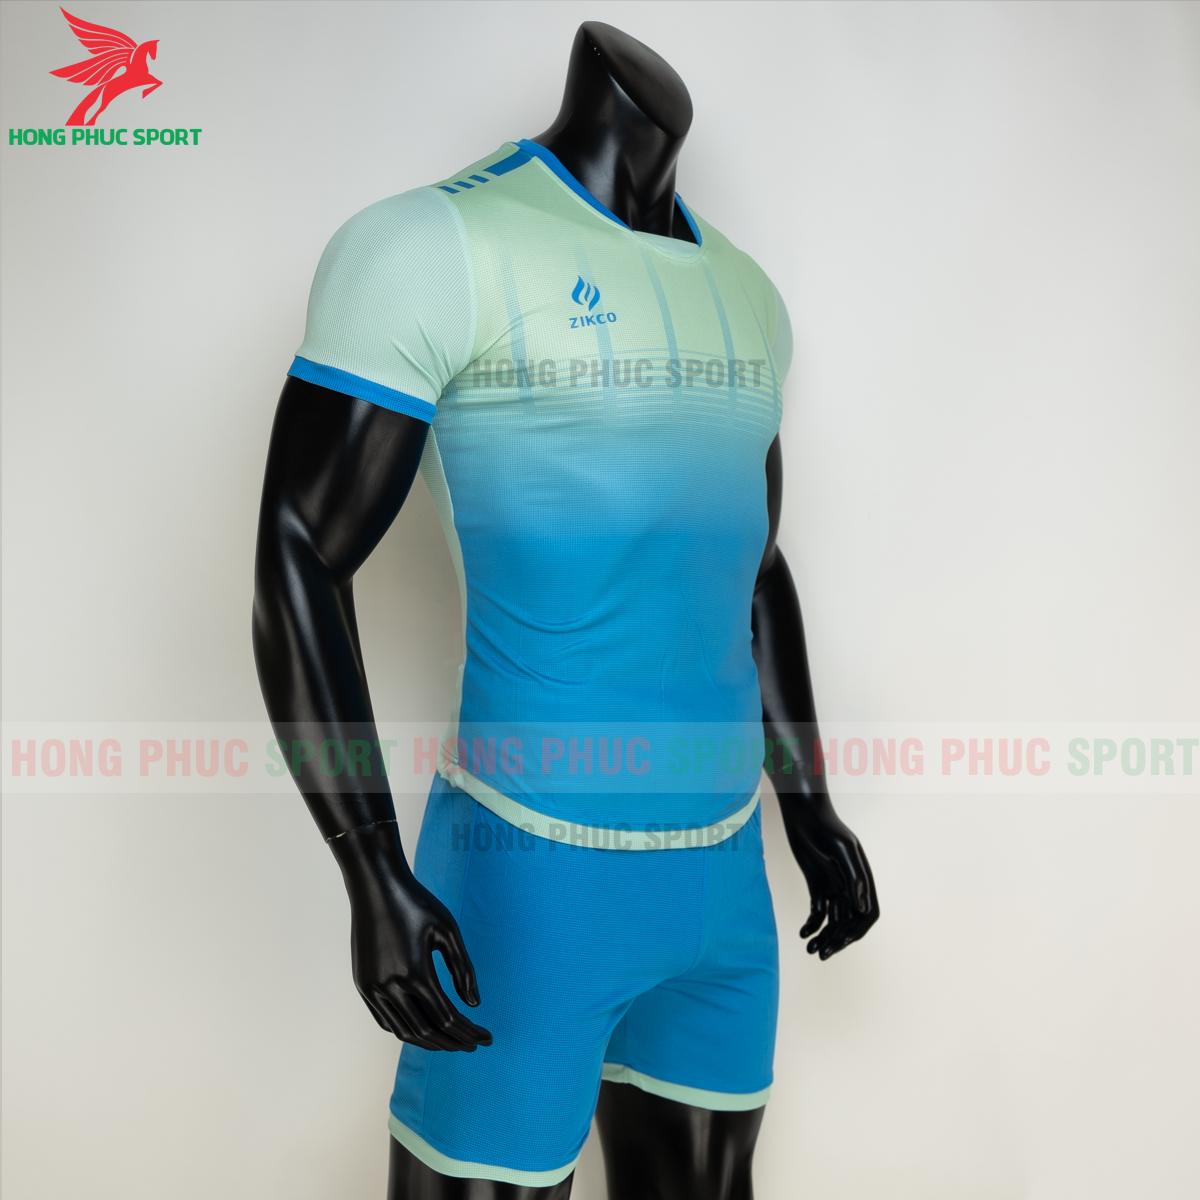 Áo đá banh không logo ZIKCO Z01 2021 màu Xanh ngọc (phải)